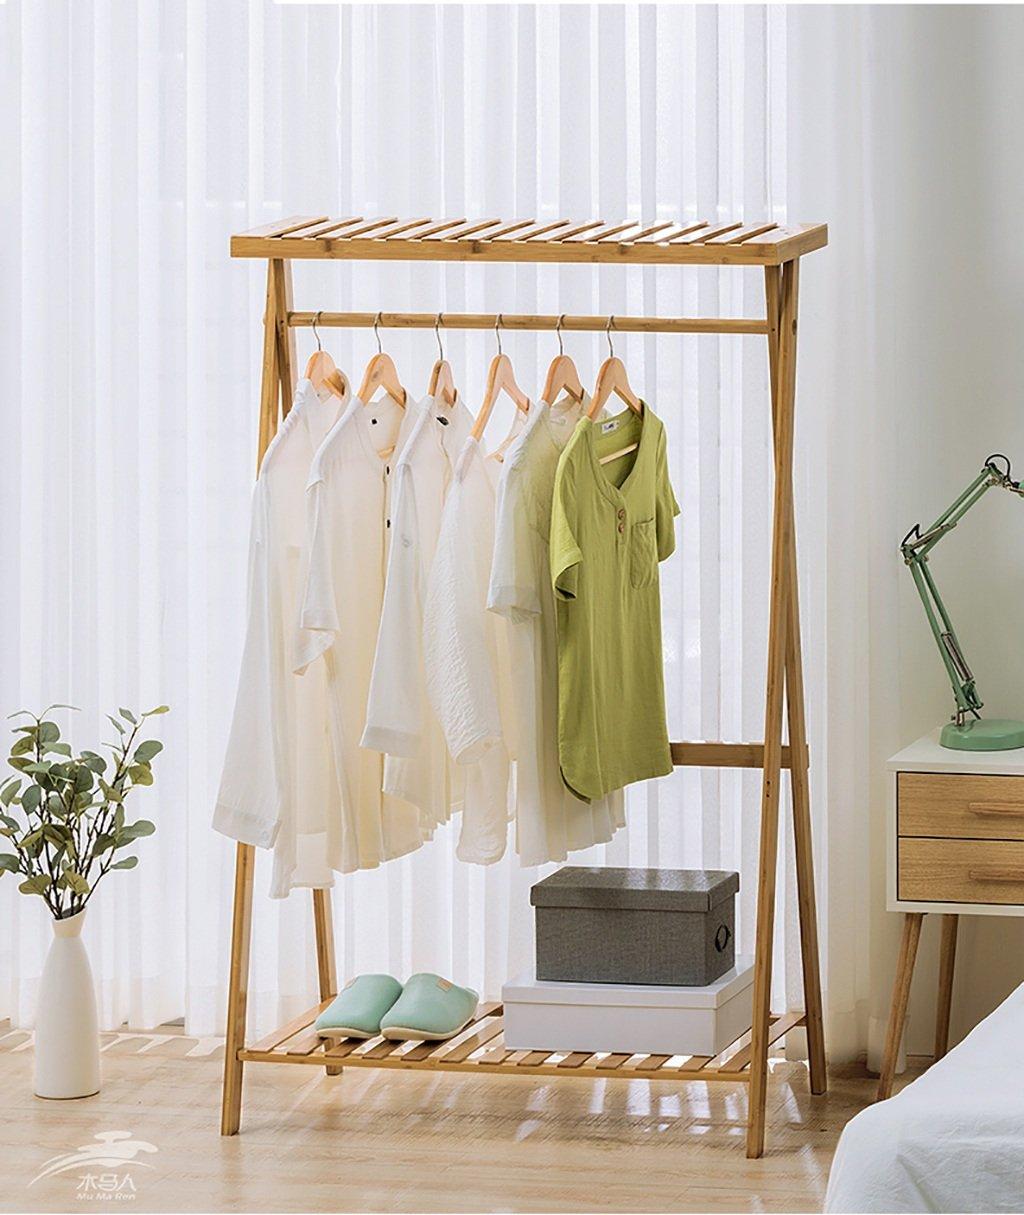 LXSnail Kleiderständer massivholz einfache Boden kleiderbügel Schlafzimmer Wohnzimmer Holz kleiderständer lagerregal Kleiderständer (Farbe : 1#, größe : 90cm)